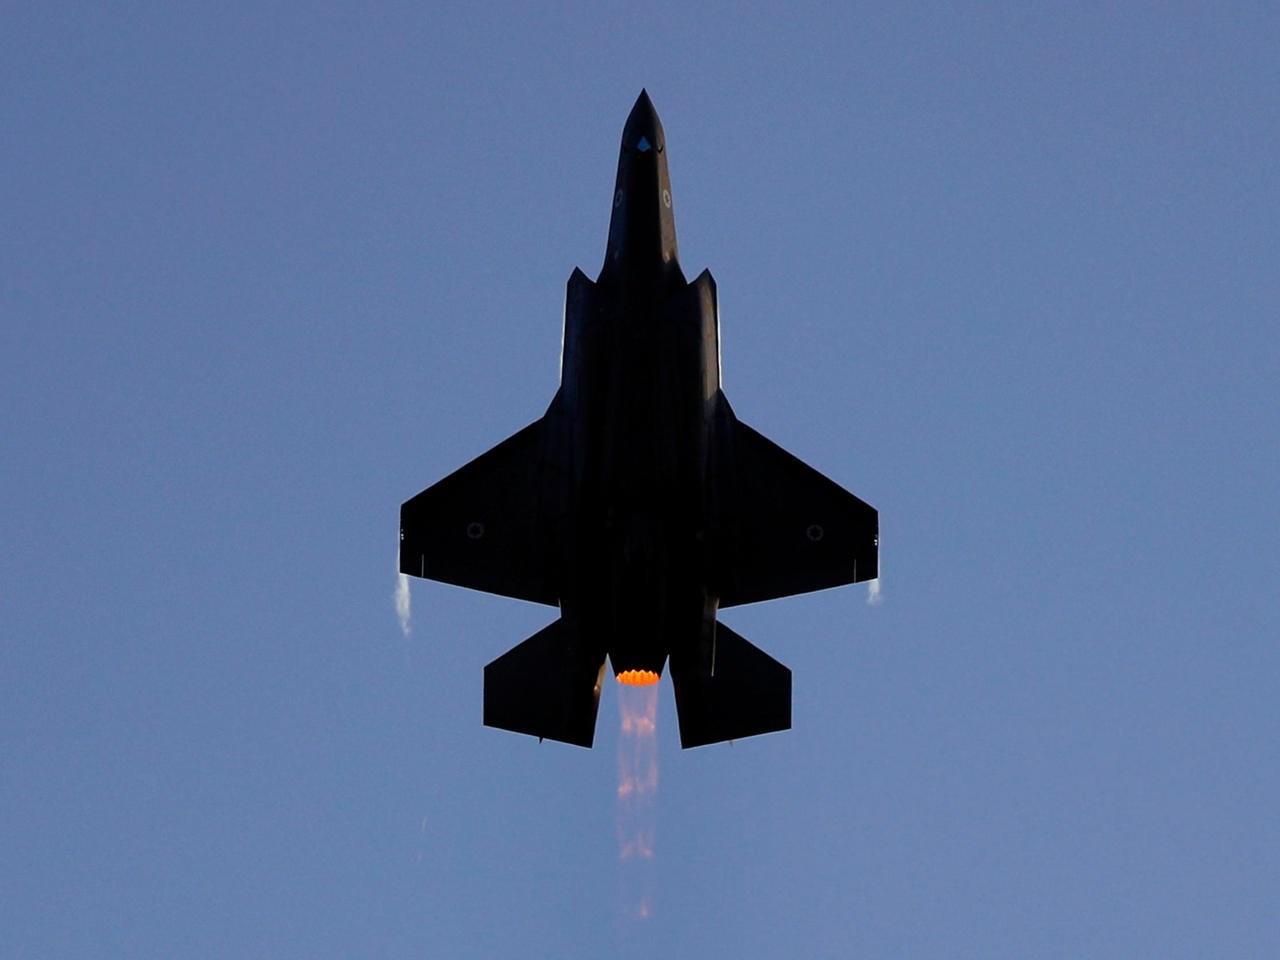 وزارة الدفاع الأميركية تندّد بالاختبار التركي لصواريخ روسيّة وتتوعّد أنقرة